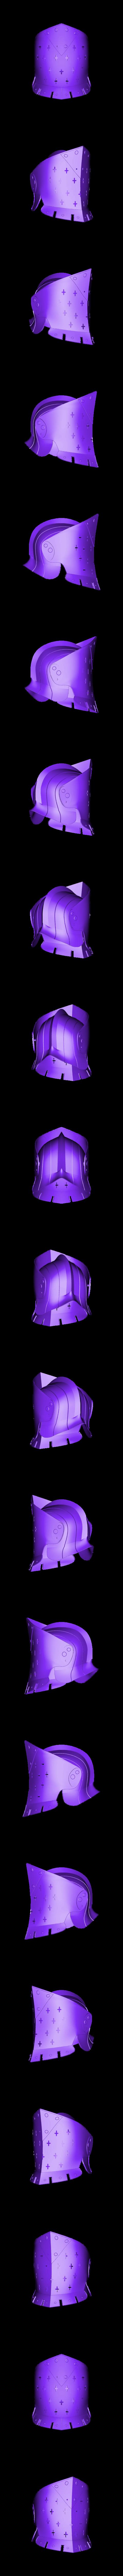 Lawbringer_Helmet_v1.stl Télécharger fichier STL gratuit Pour Honor Lawbringer Helm - Chevalier • Objet à imprimer en 3D, VillainousPropShop